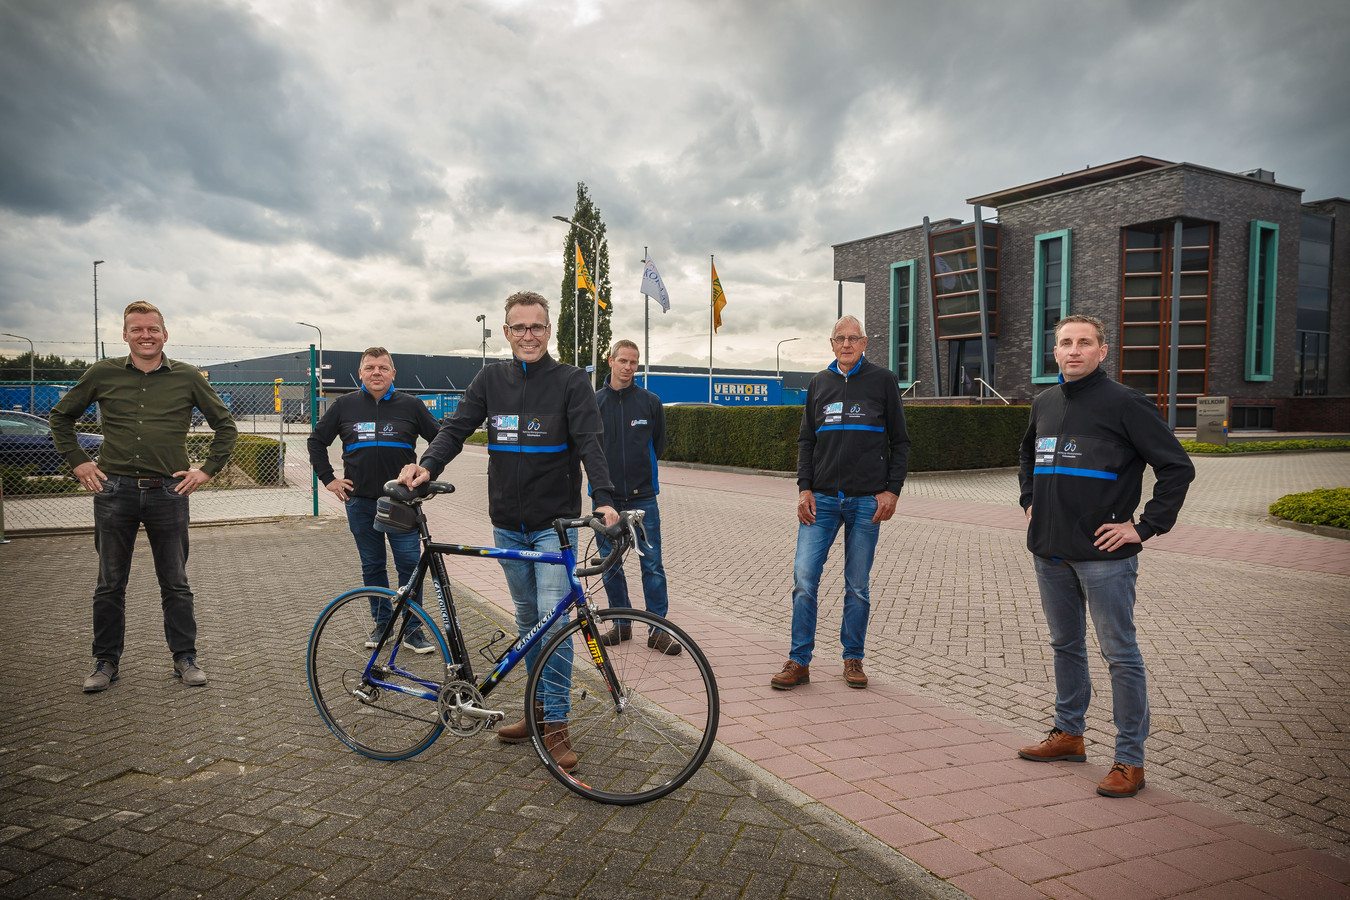 Bestuursleden Stichting Wielersportpromotie Genemuiden op het bedrijfsterrein waar de start van de Omloop is, vlnr Gert van Steeg, Arend Jan Kloosterman, Arjan Winters, Remco van Brummelen, Jan Schaapman en Jan Doornwaard. Op de foto ontbreken Maarten Opschoor en Jan Bos.